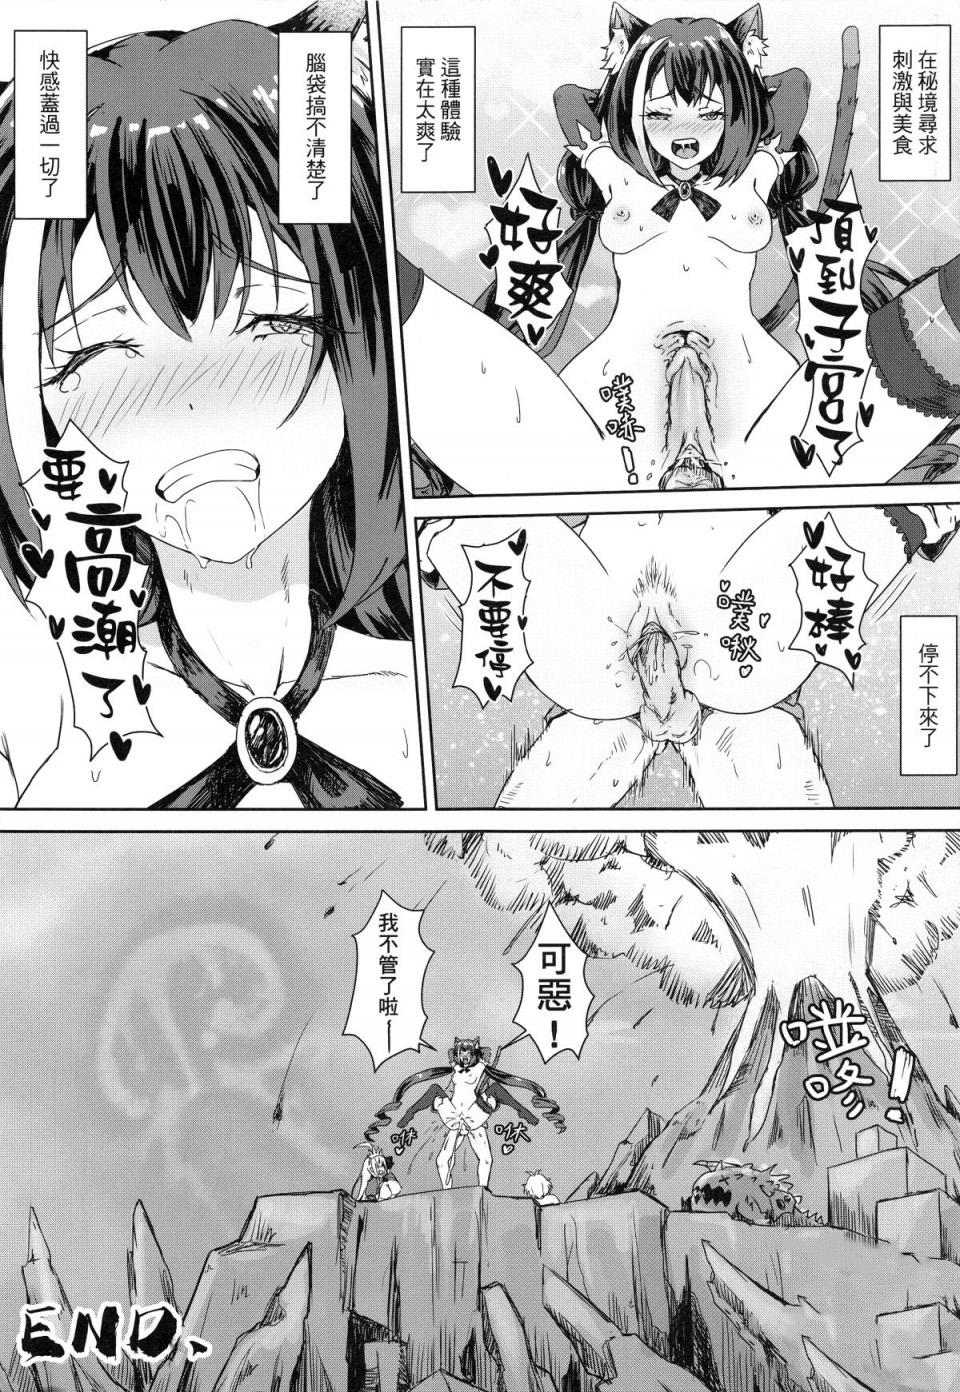 【台灣FF35】[蜂巢 (Apoidea)] 美食殿堂的愉快秘境大探險♡ (Princess Connect! Re:Dive)[Chinese] [切嚕系女子個人搬運][Decensored] 25